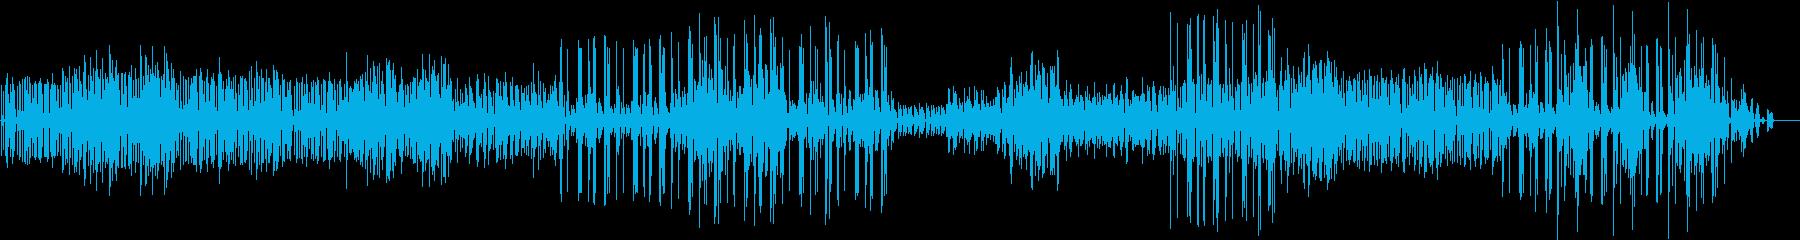 Synでのスローで幾何学的なトランス風Mの再生済みの波形